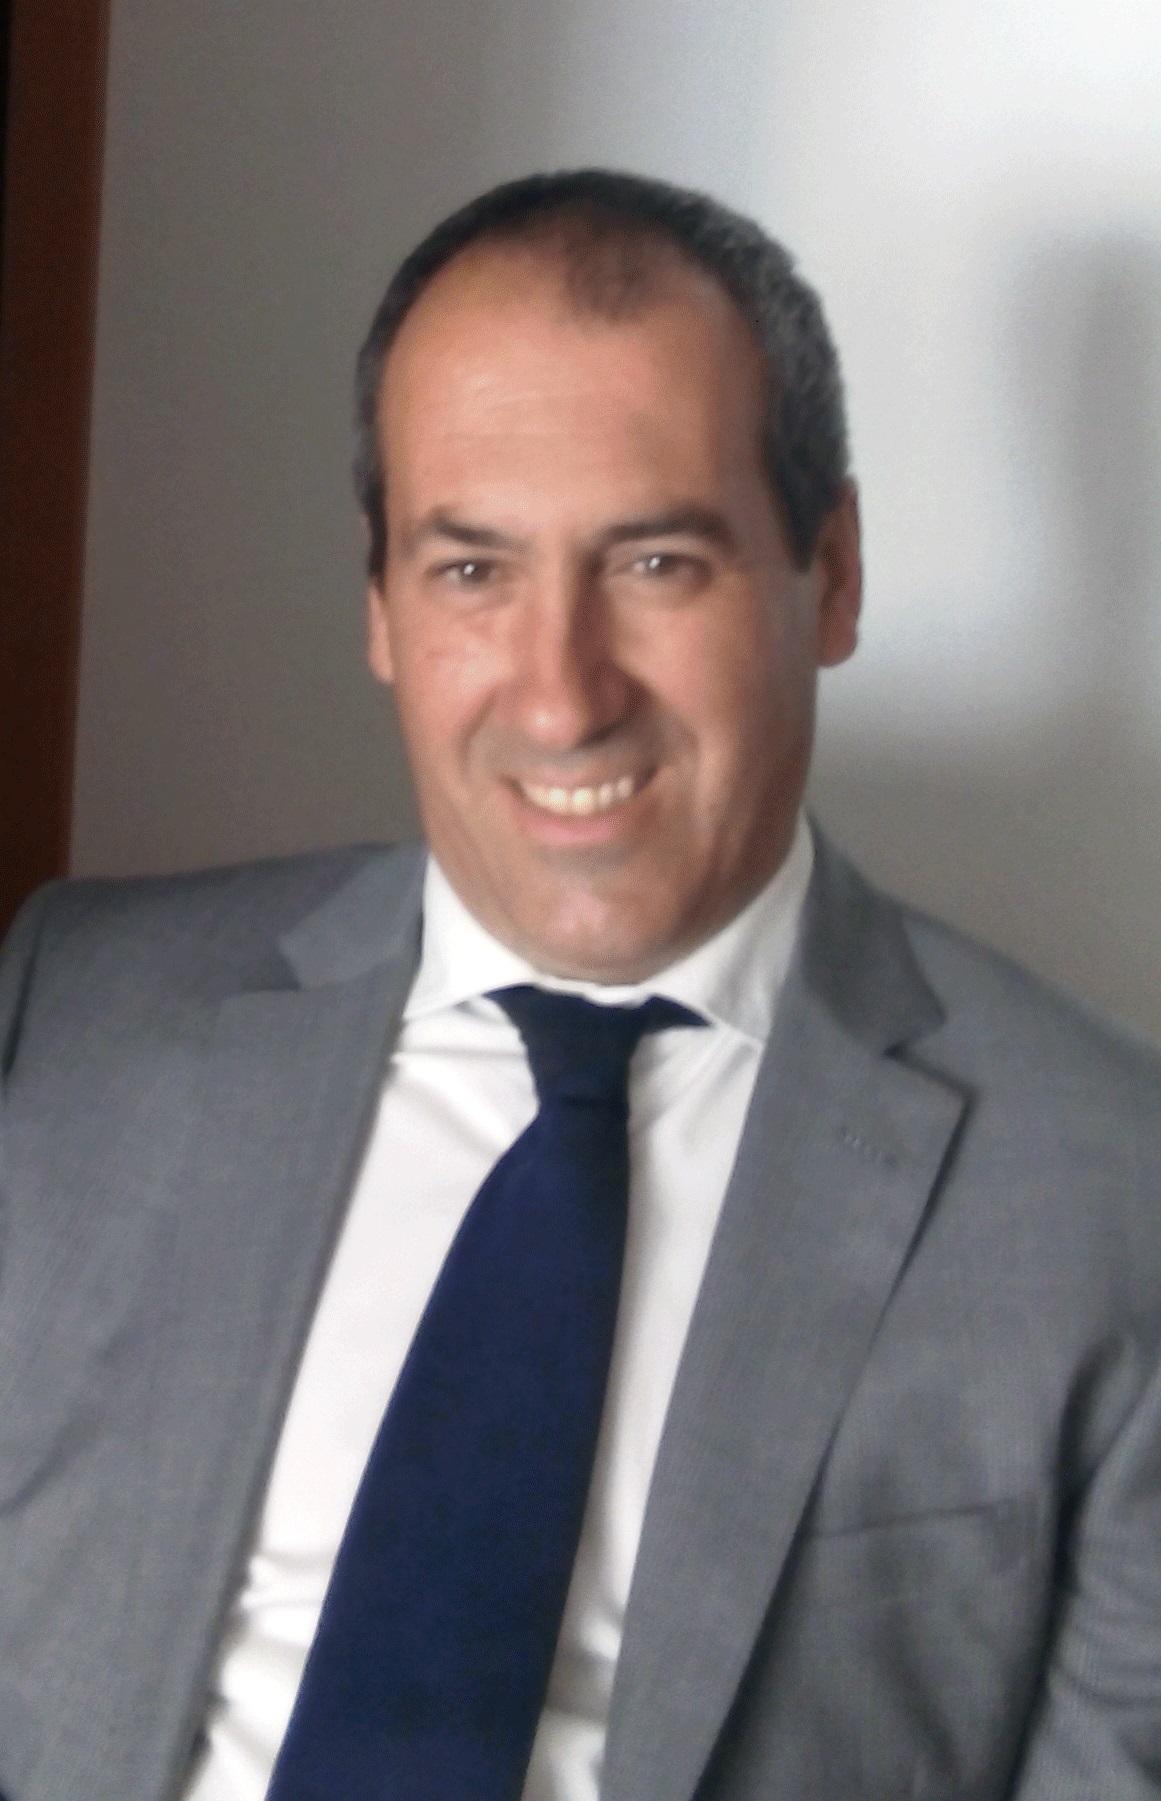 David Romanos